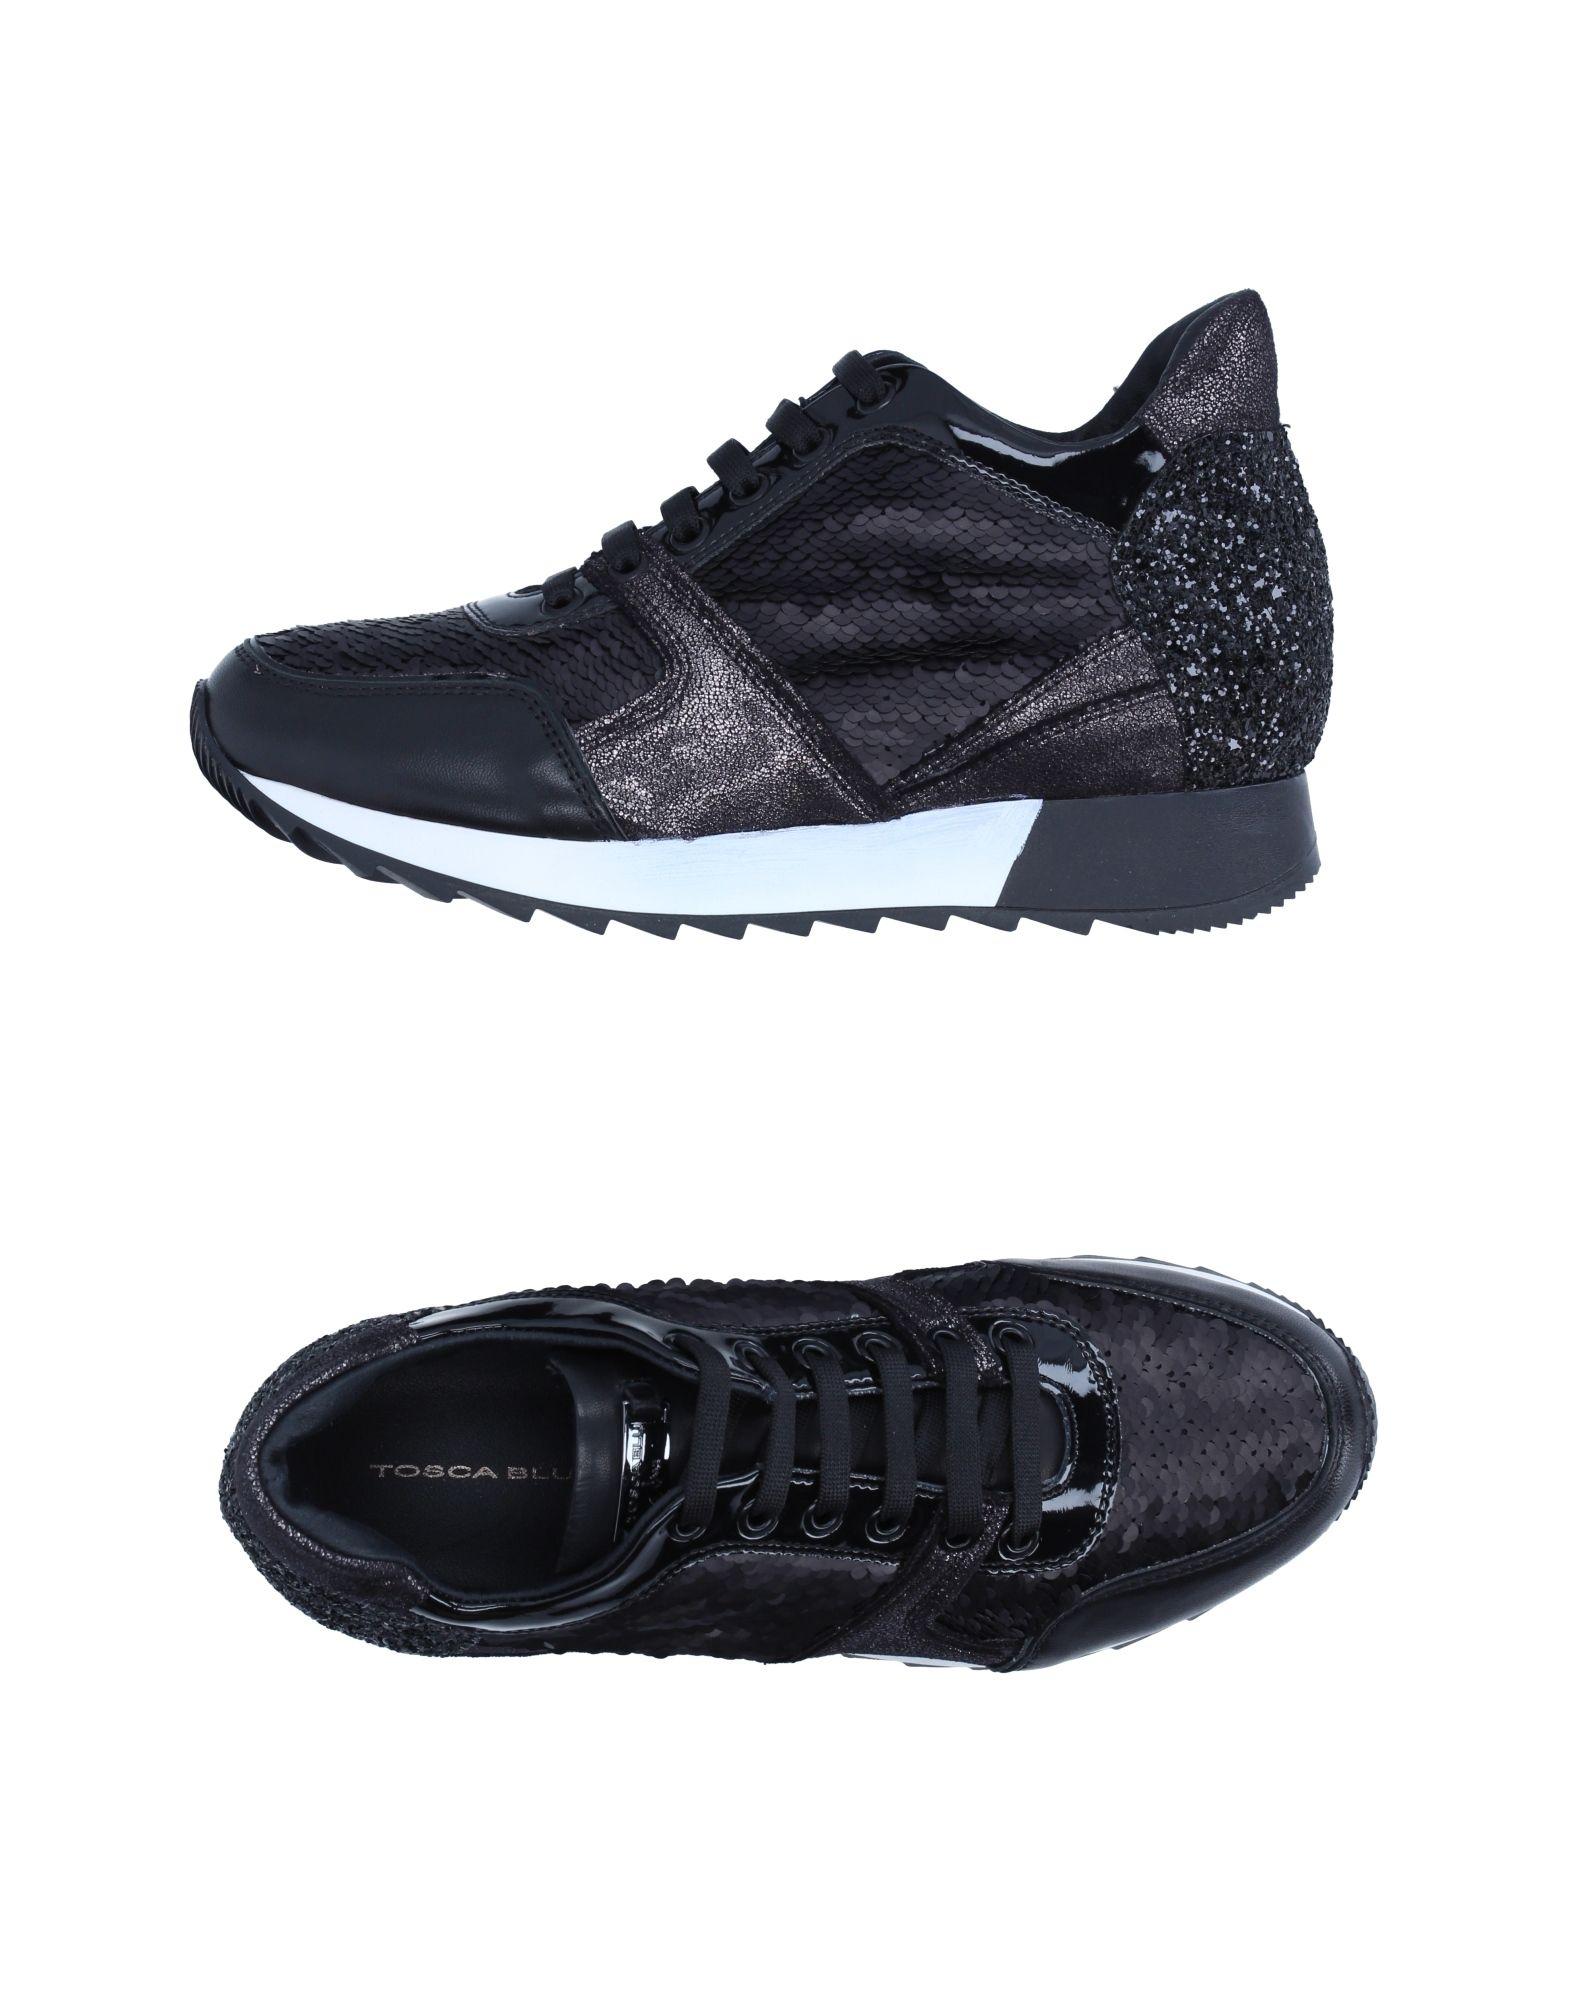 Tosca Blu Shoes Qualität Sneakers Damen  11252838OE Gute Qualität Shoes beliebte Schuhe cfcf1b